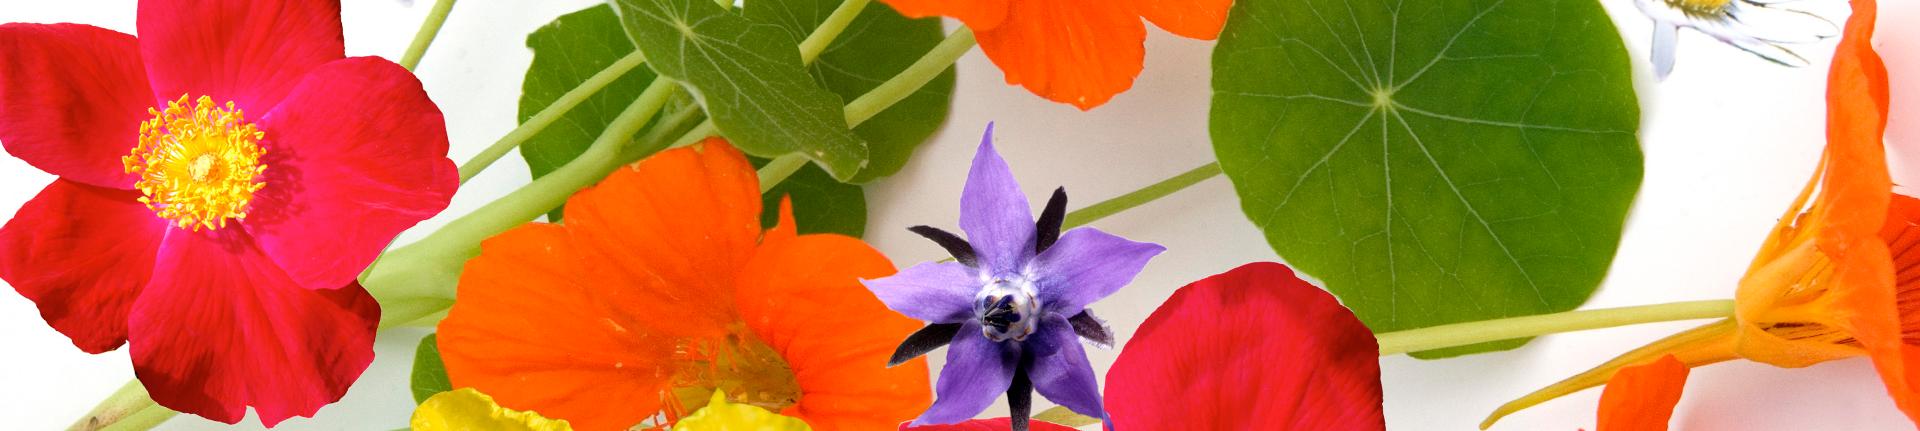 Receitas com Flores Comestíveis